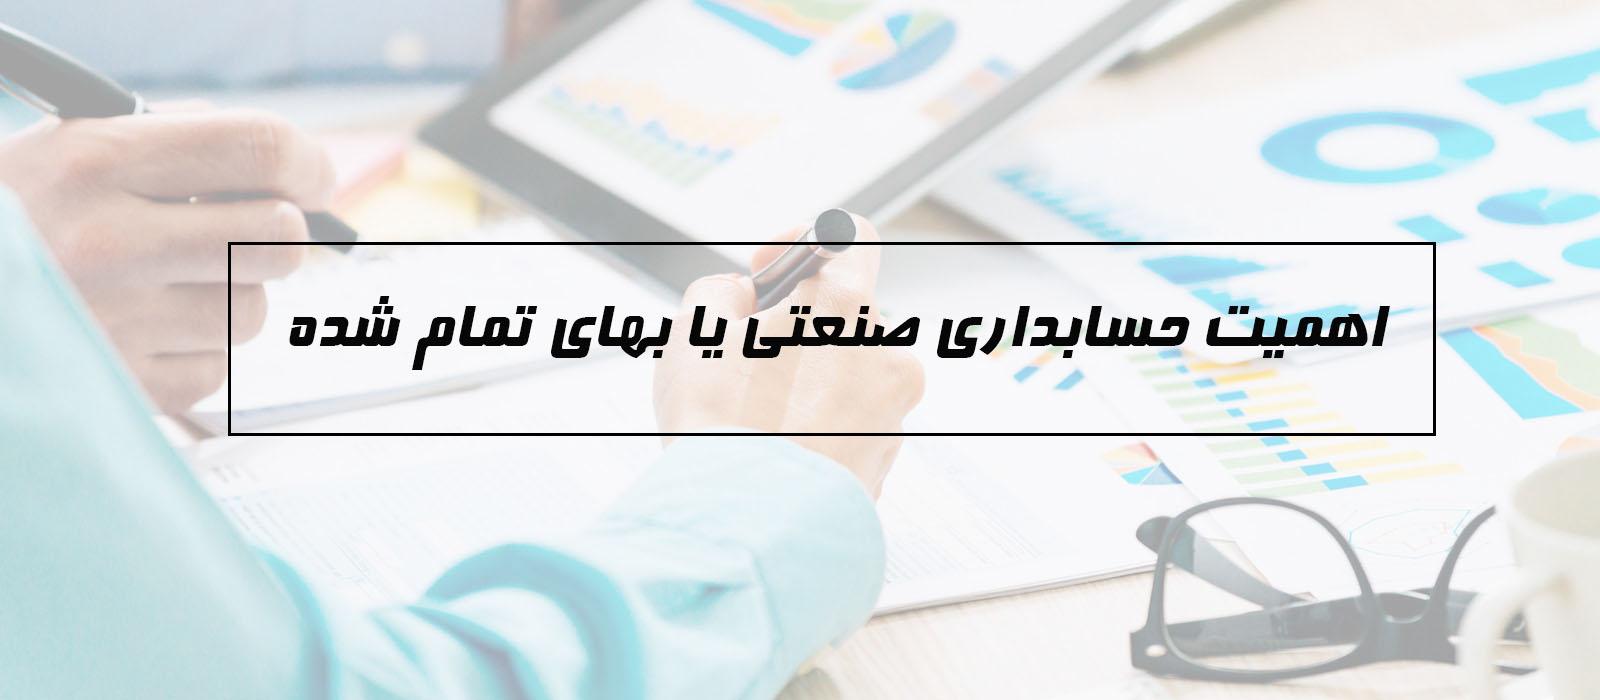 خدمات حسابداری شرکت های تولیدی و صنعتی